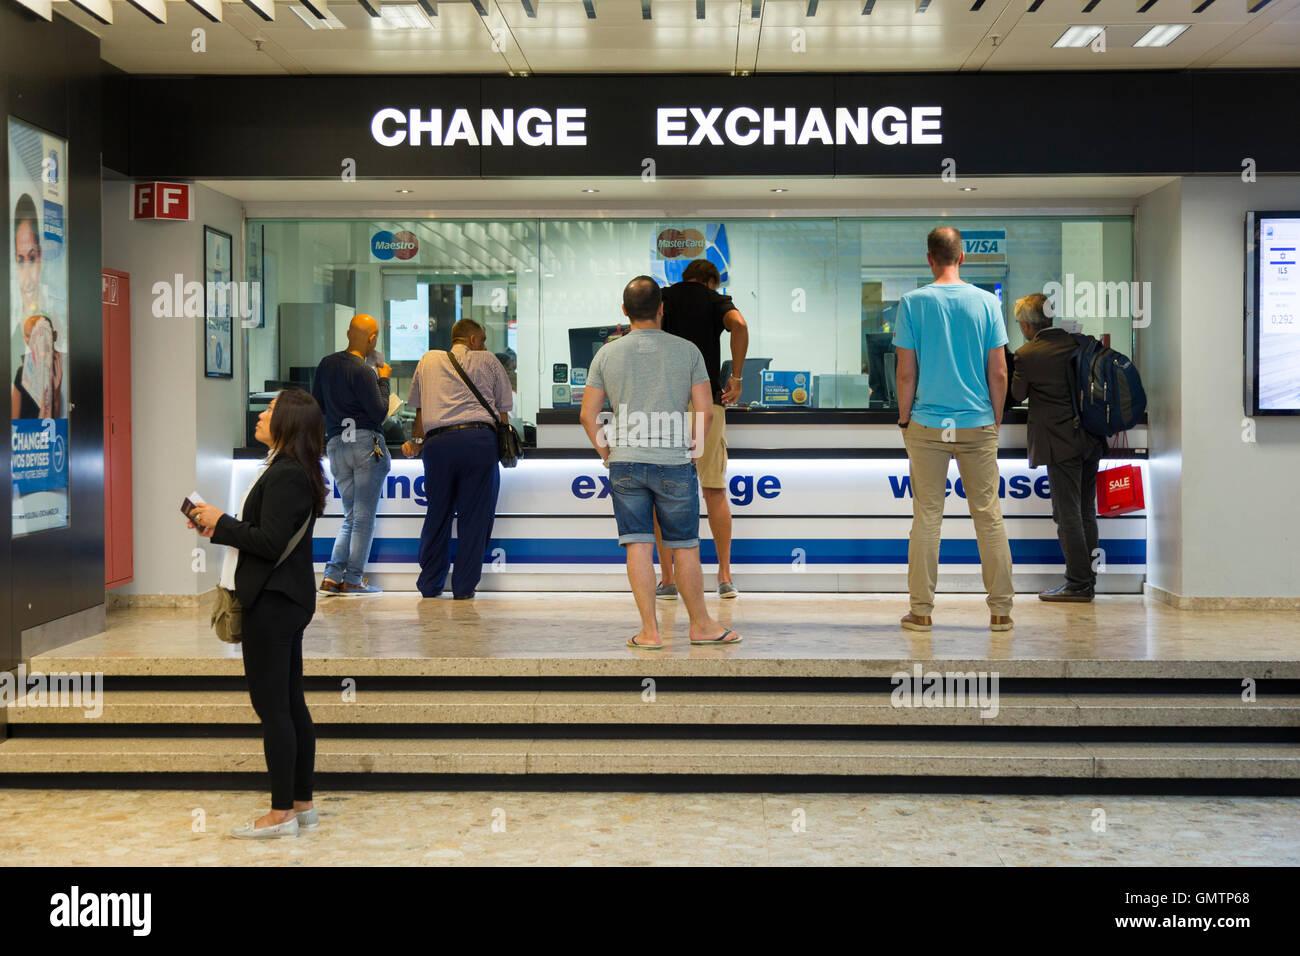 personnes bureau de change bureau exploite par global exchange services de change de l aeroport de geneve 1215 geneve 15 suisse